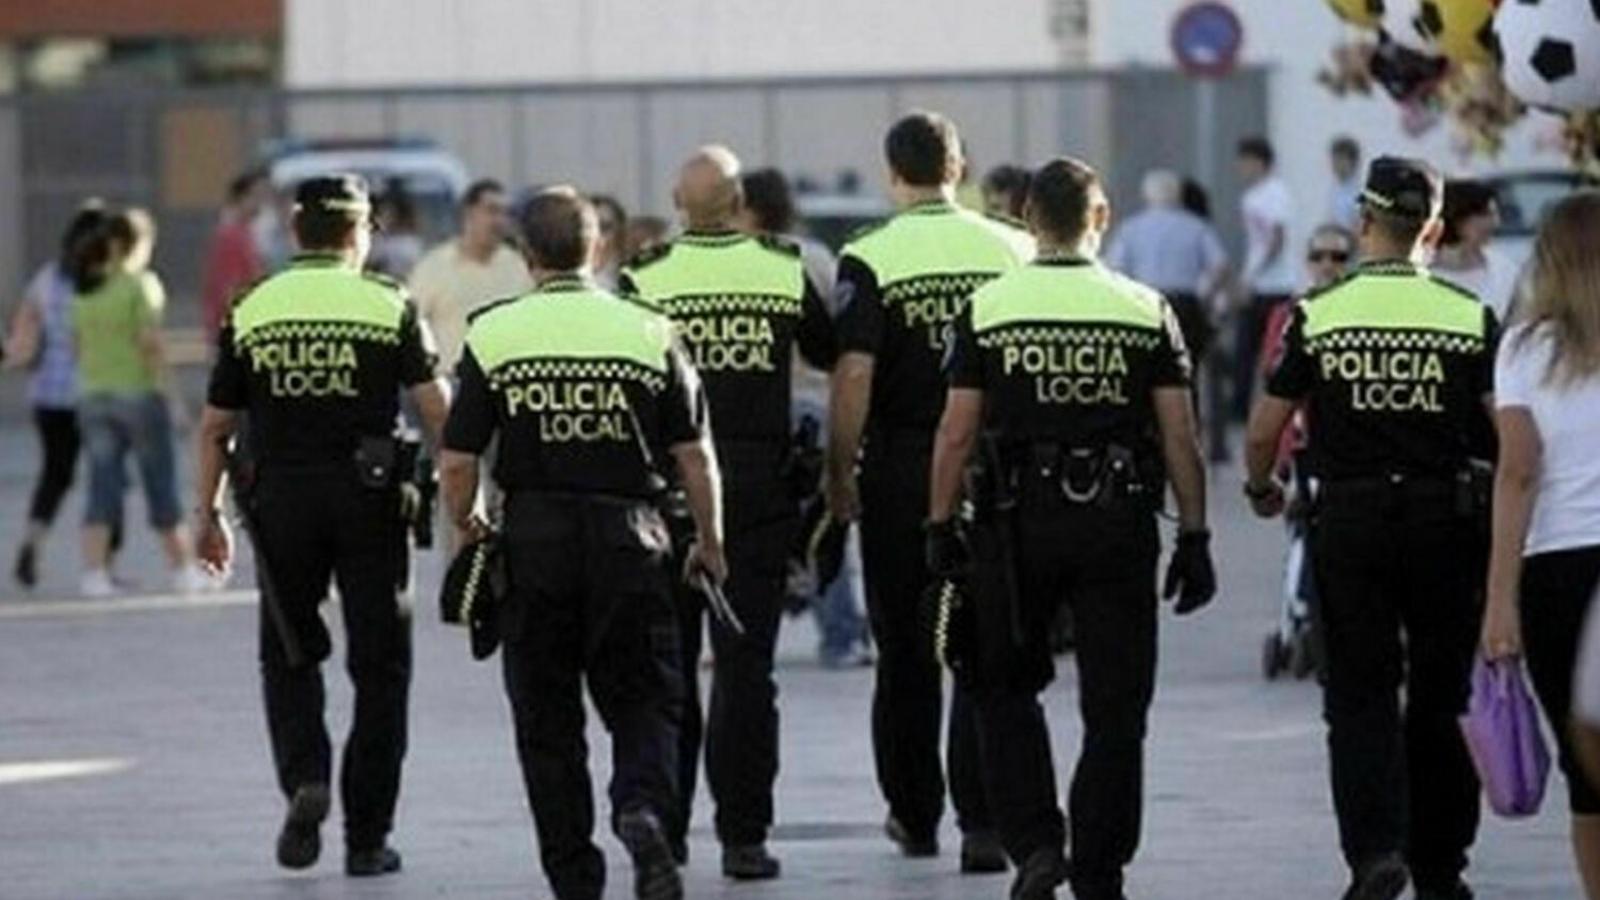 Els Policies Locals que vulguin poden sol·licitar la seva intenció de participar a la seguretat de les festes.